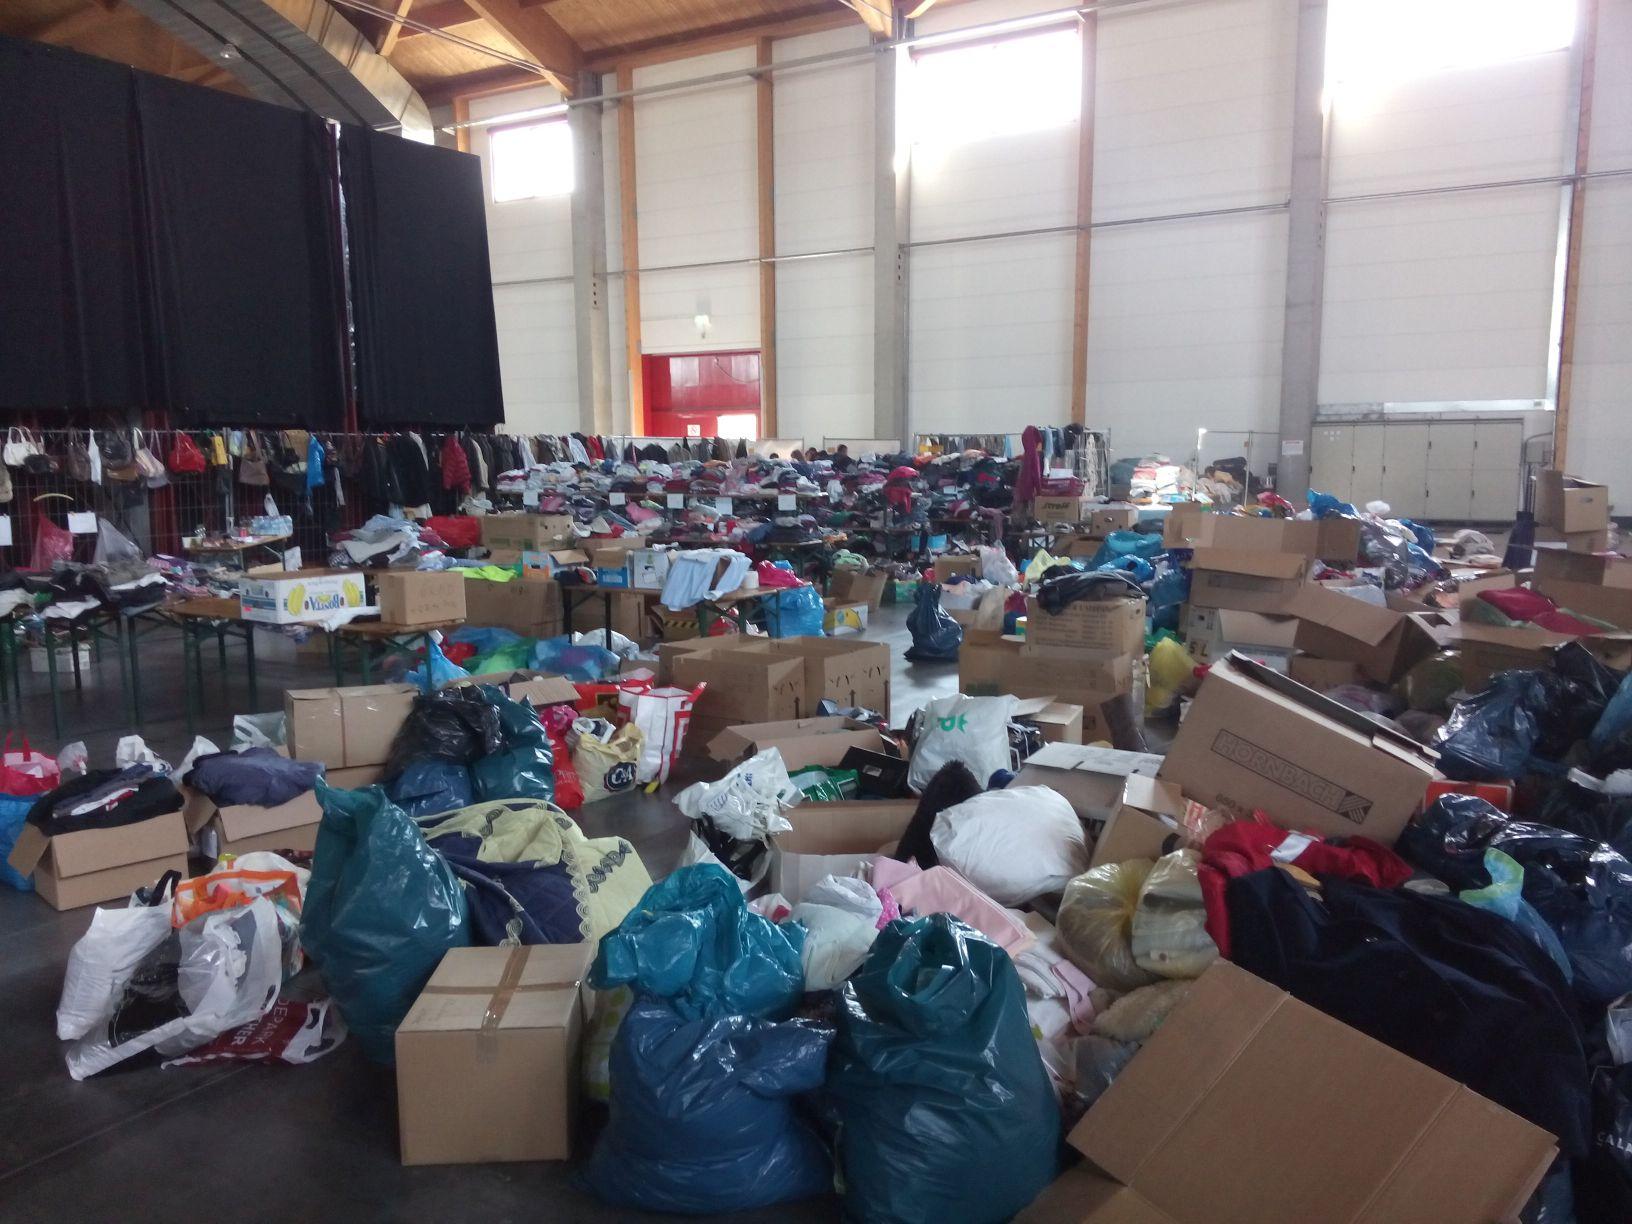 In der BEA - Foto der großen Menge an Bekleidungsspenden